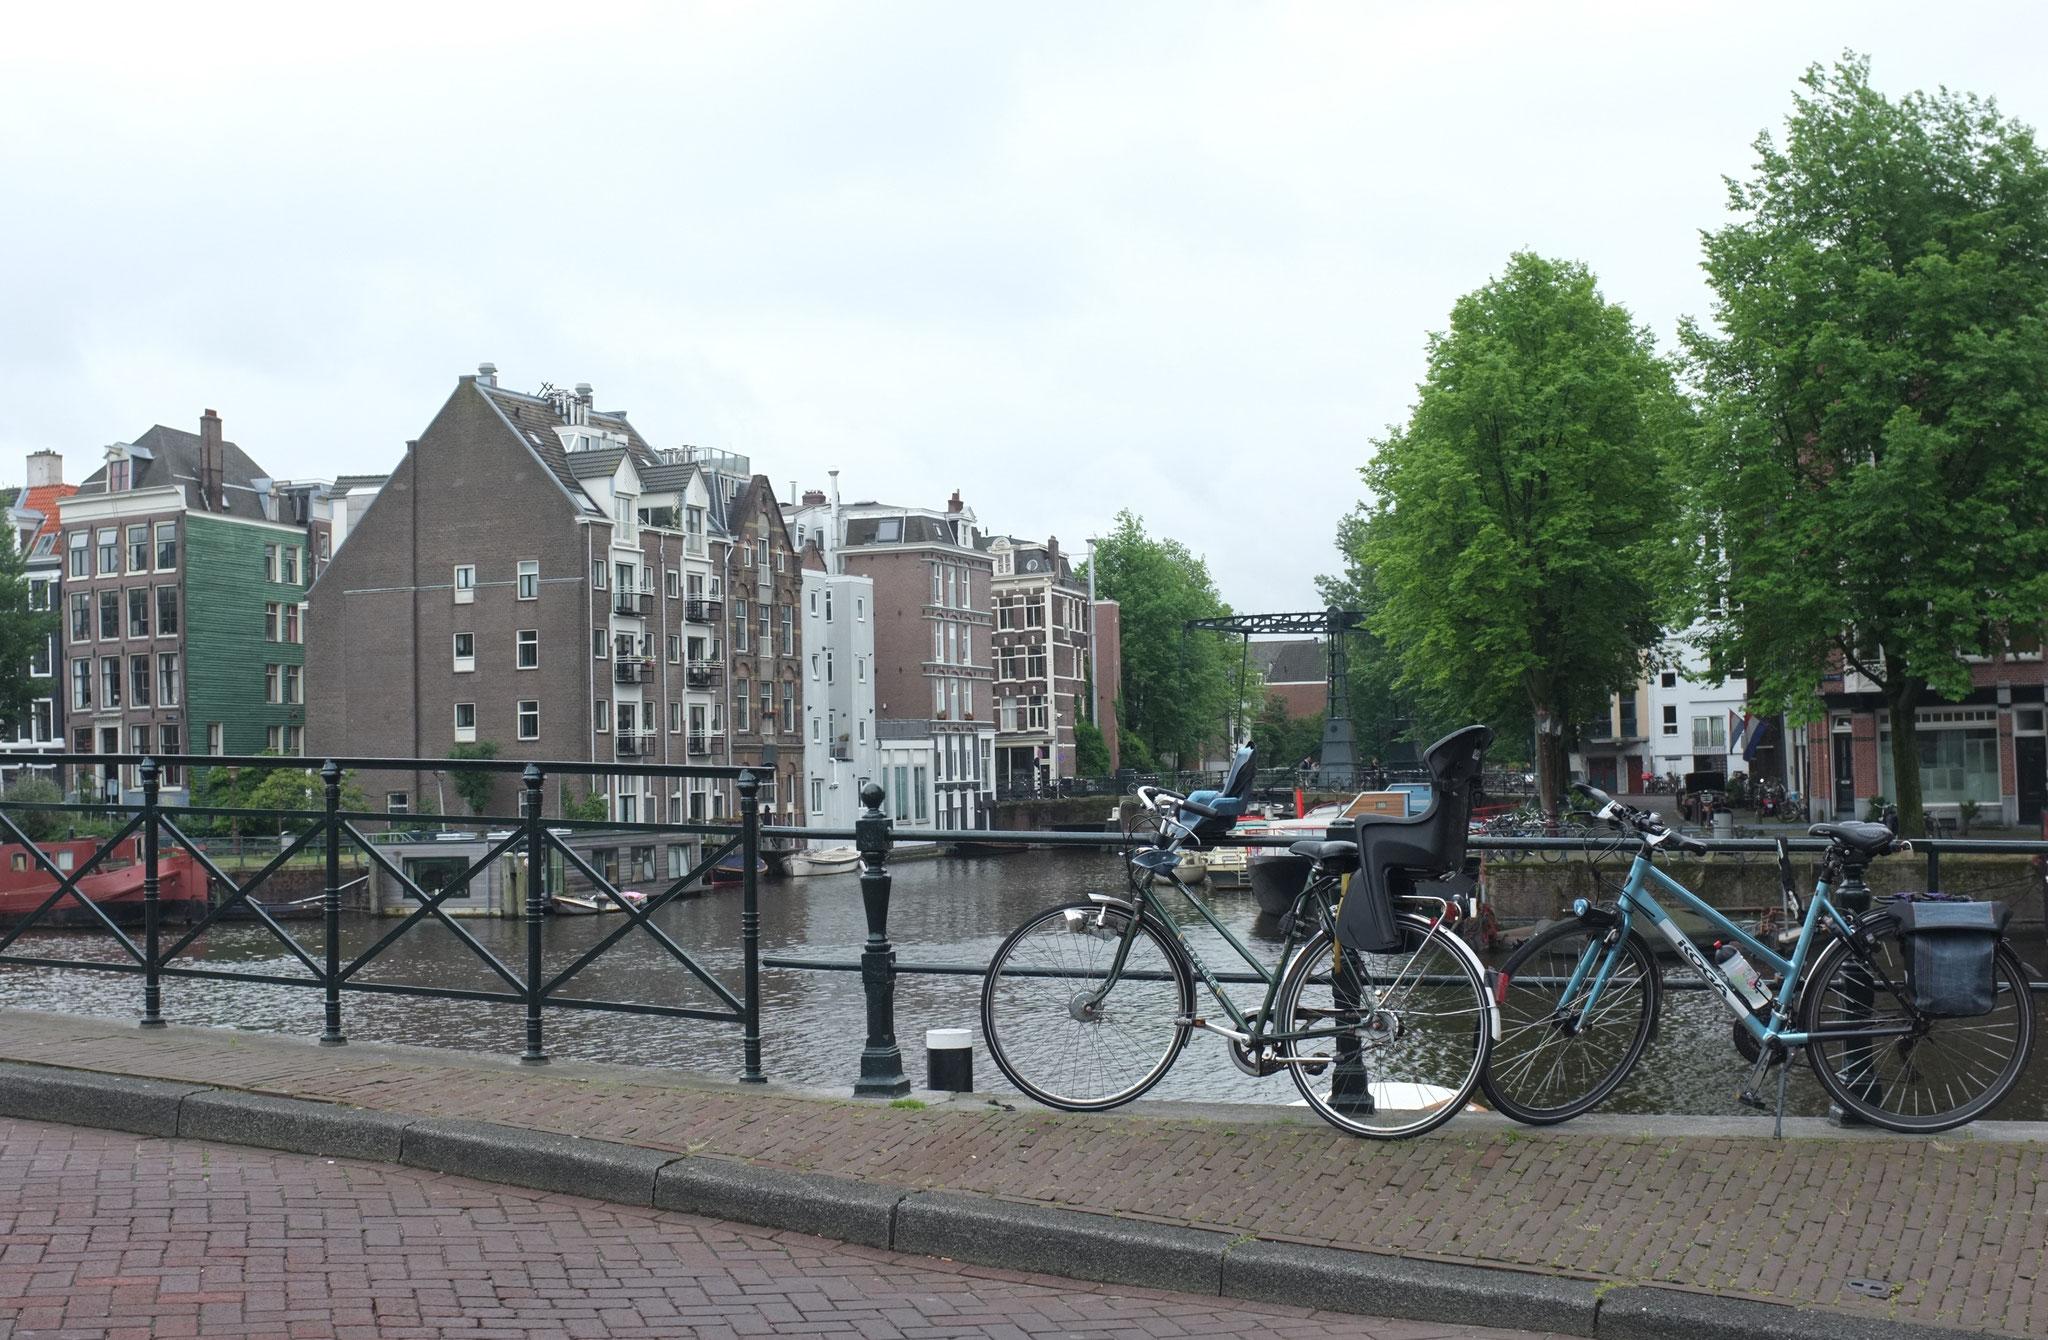 2016 Am Ziel: Amsterdam mit dem Rad erkunden.